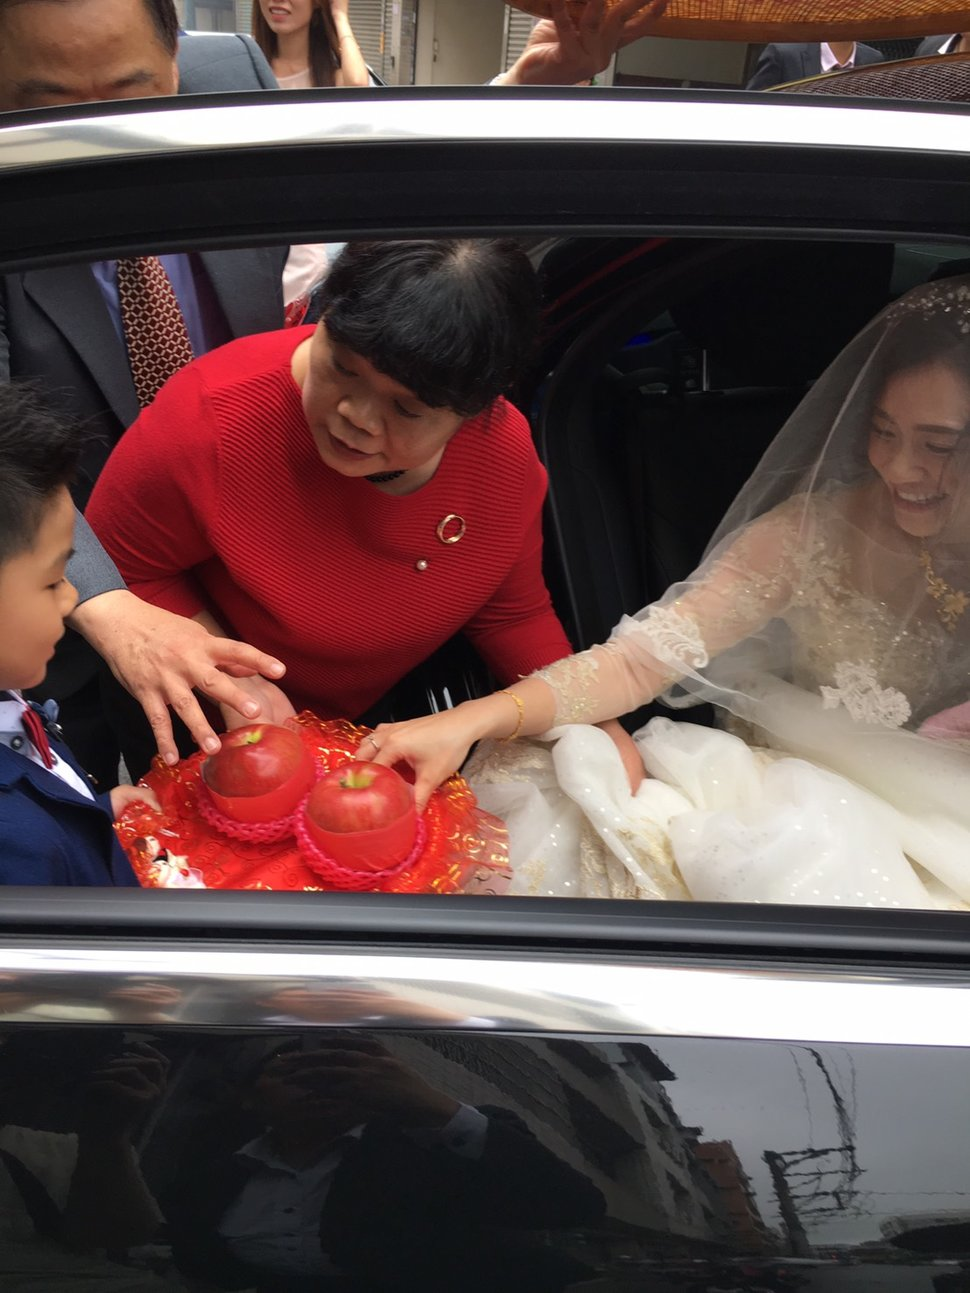 IMG_5336 - 幸福結婚禮車出租《結婚吧》